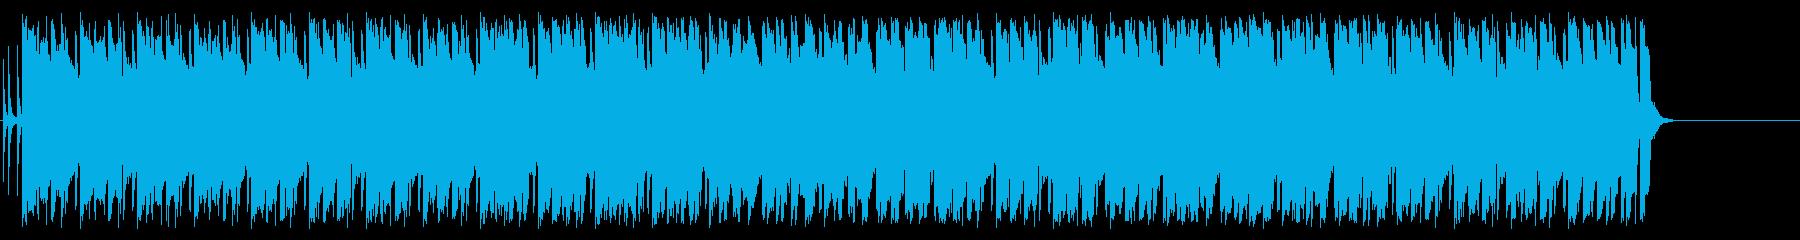 おちゃらけ 登場 明るい オープニングの再生済みの波形